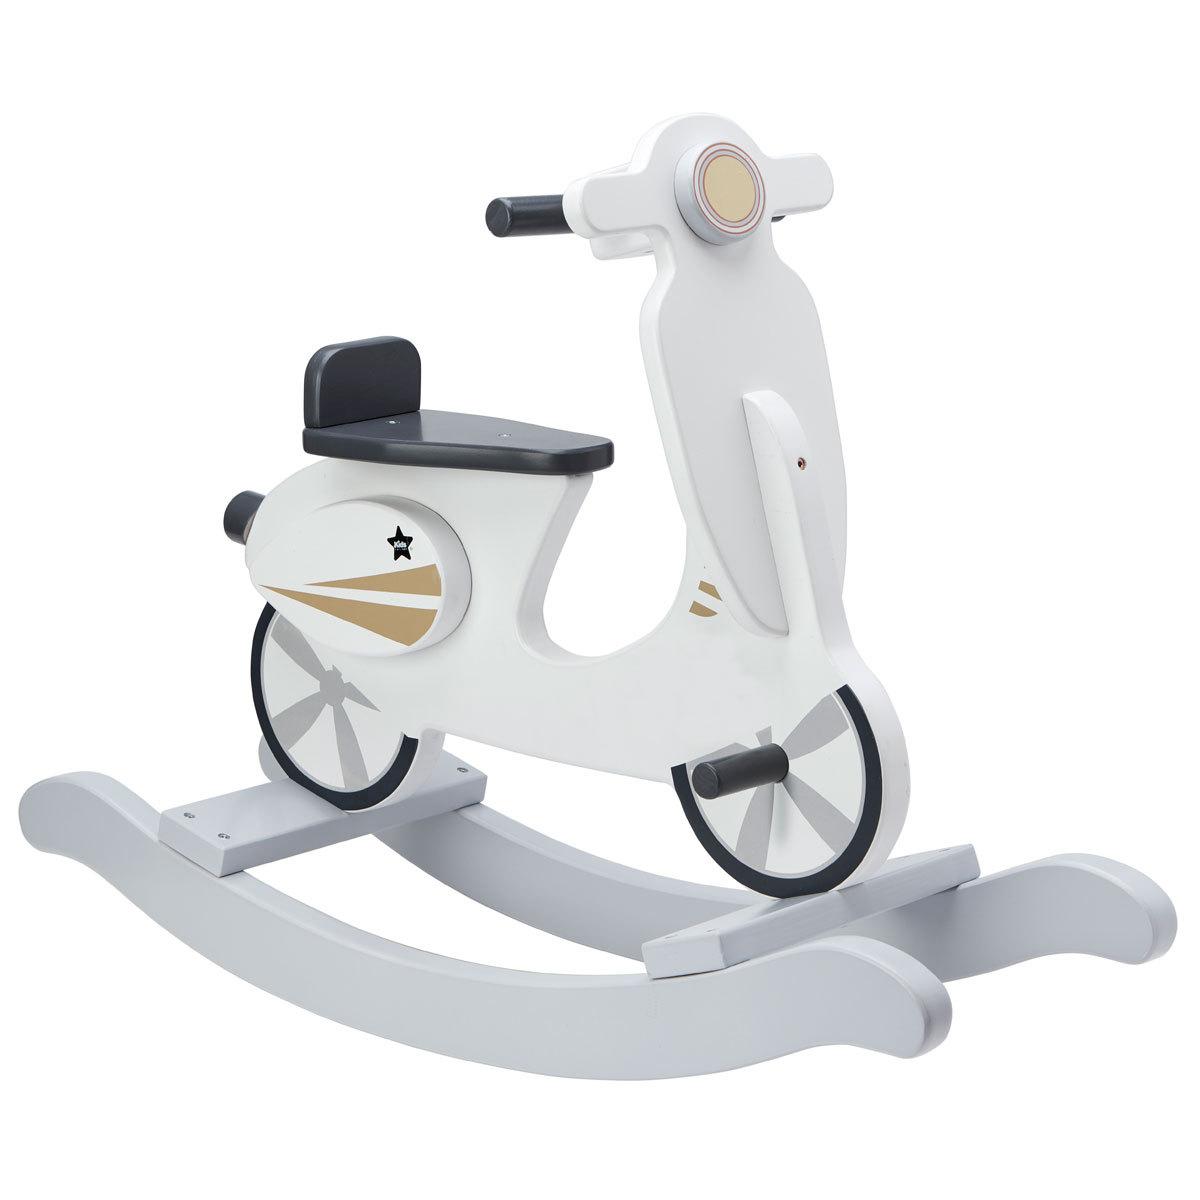 Trotteur & Porteur Scooter à Bascule - Gris Scooter à Bascule - Gris